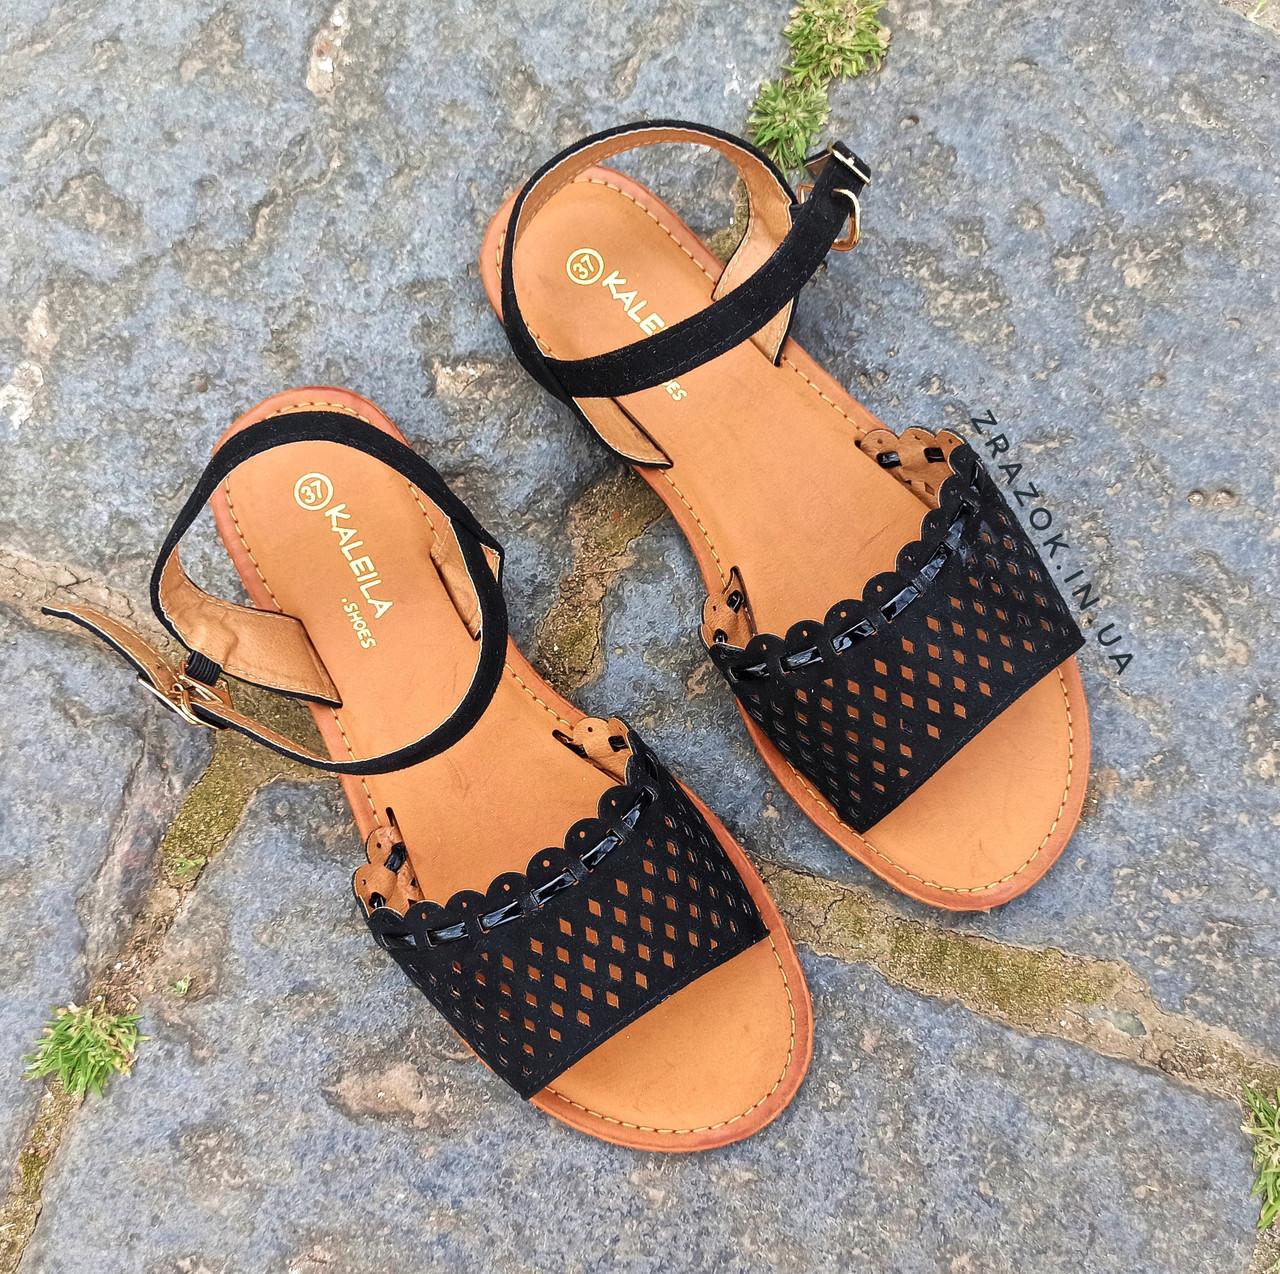 Сандалі Шльопанці босоніжки на застібці на плоскій підошві літні руді коричневі, чорні з візерунком